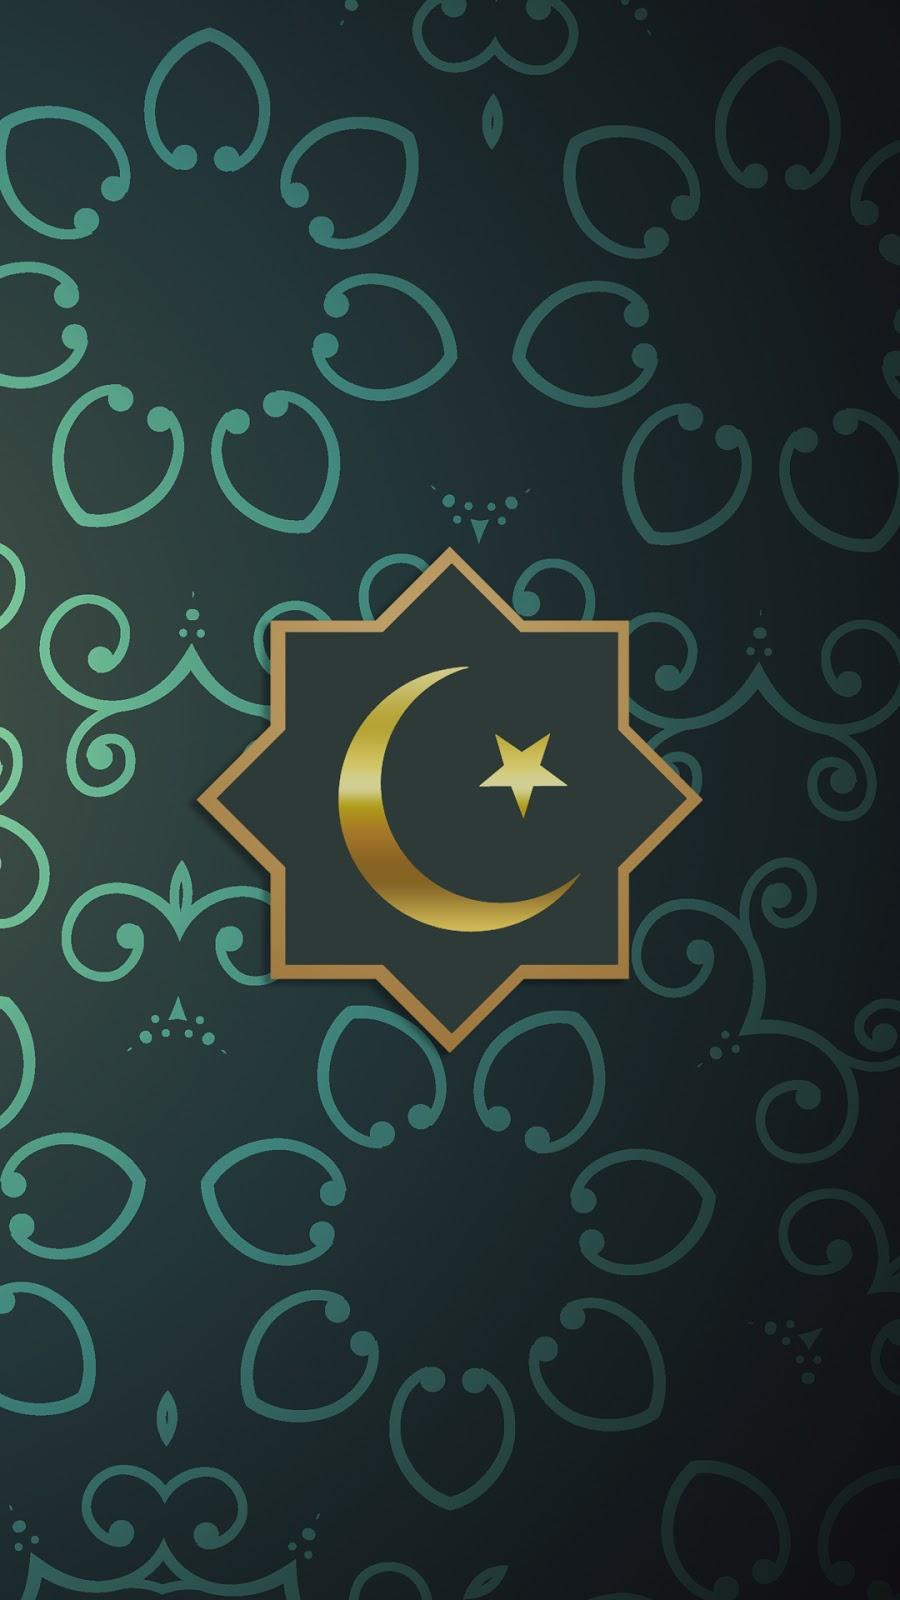 Background Ramadhan Wallpaper HD Android Bulan Sabit keren